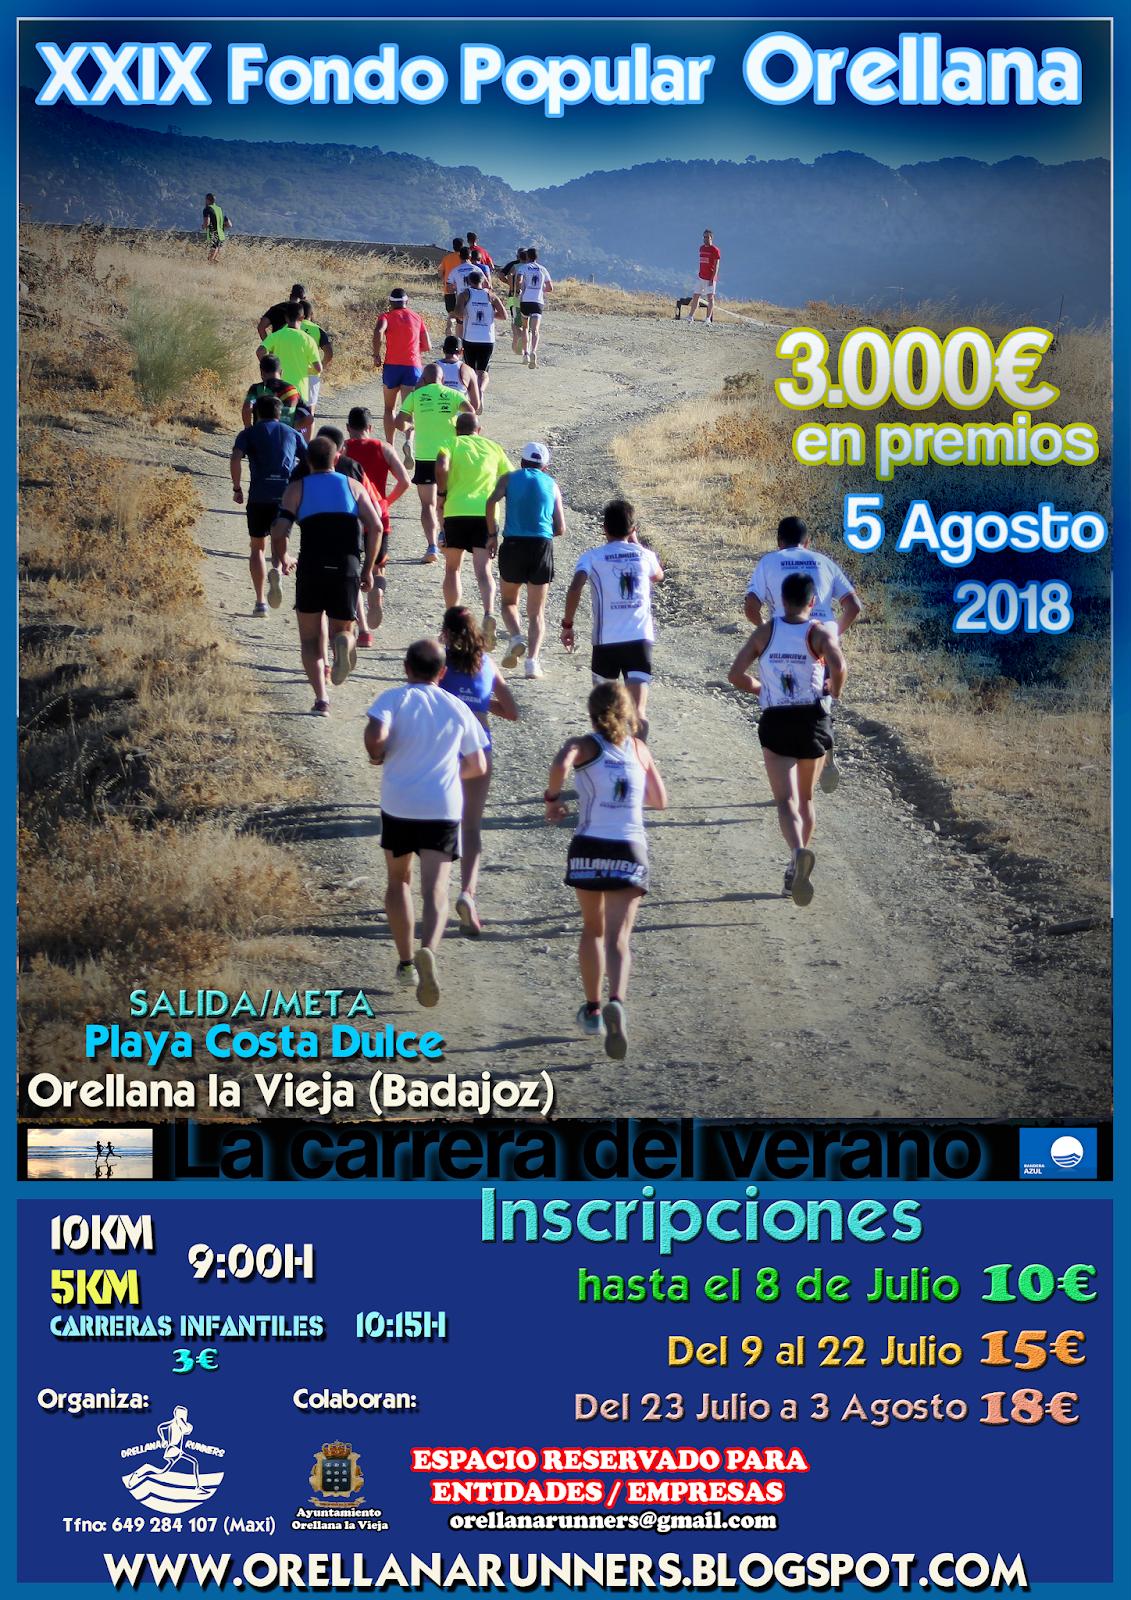 XXIX Fondo Popular Orellana 10K